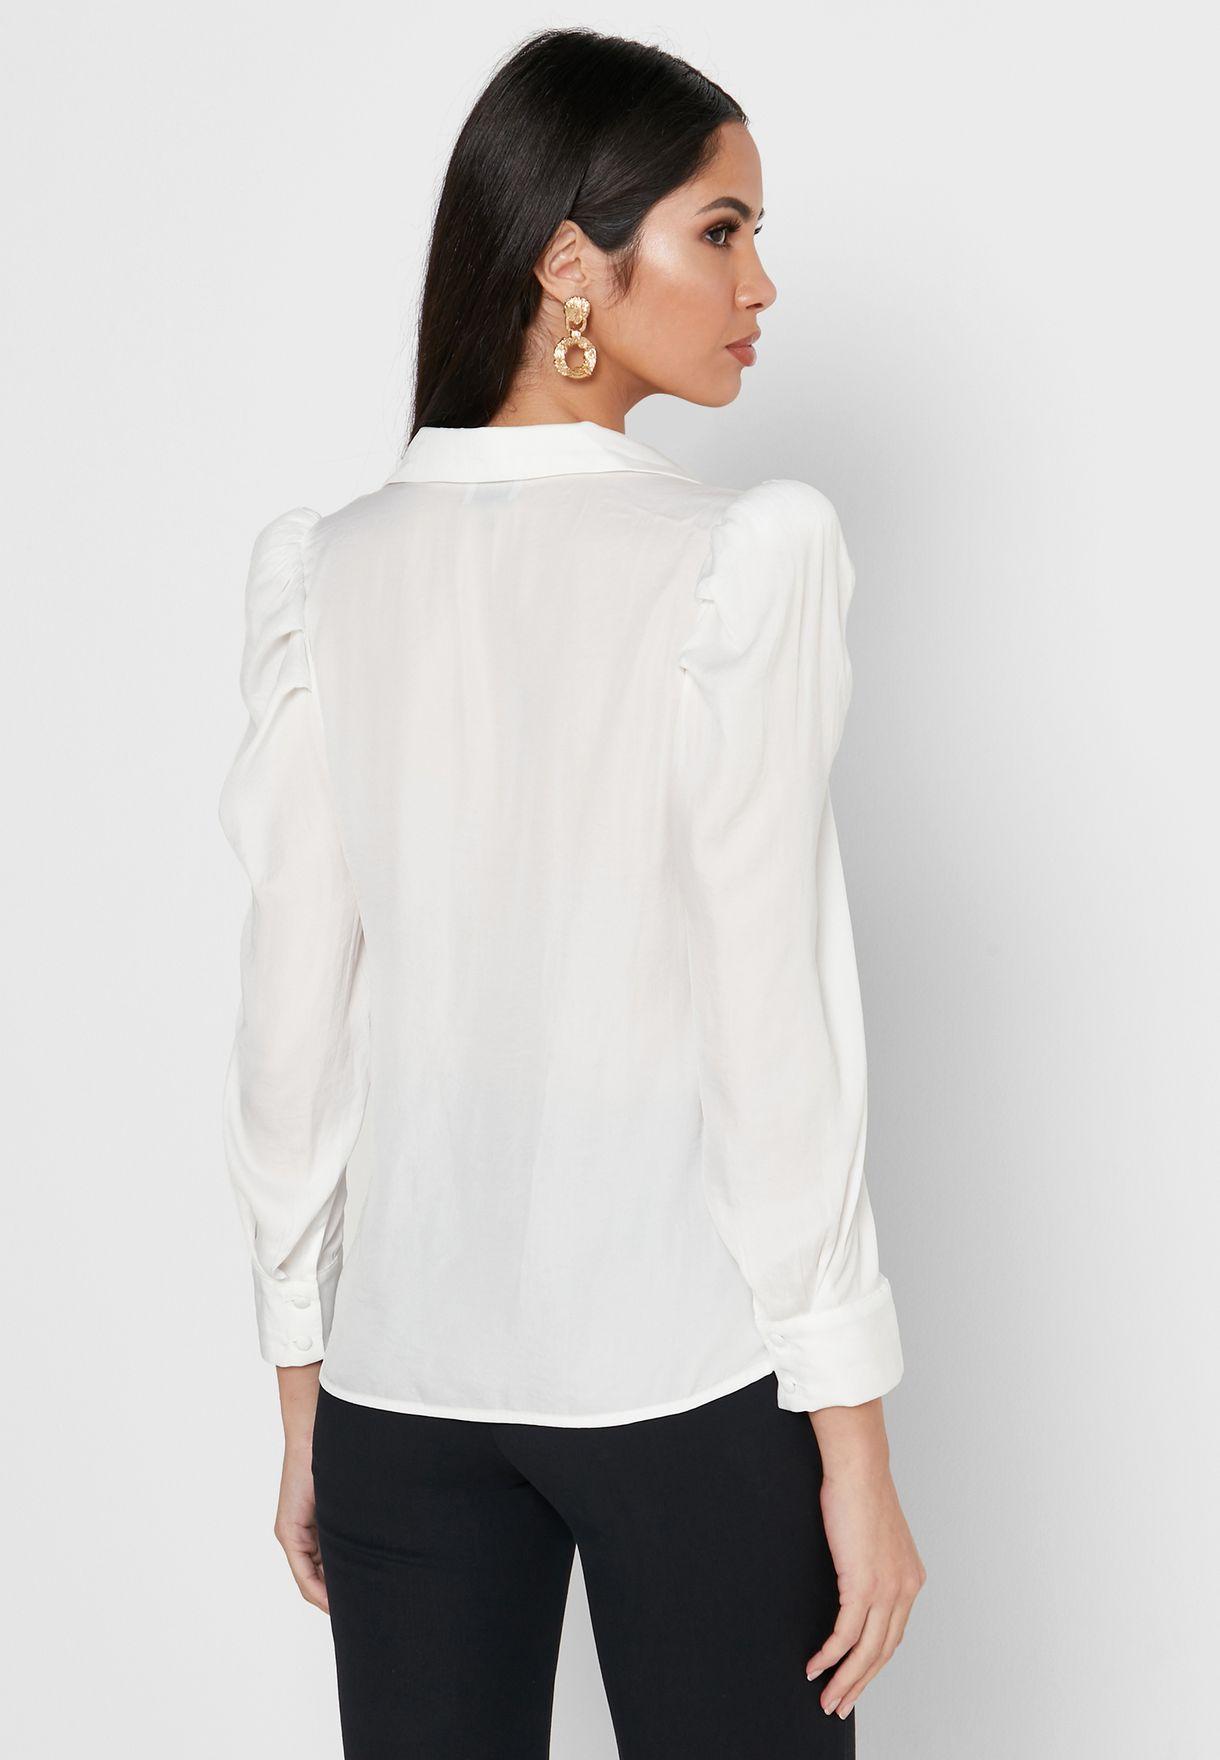 Ruched Shoulder Shirt